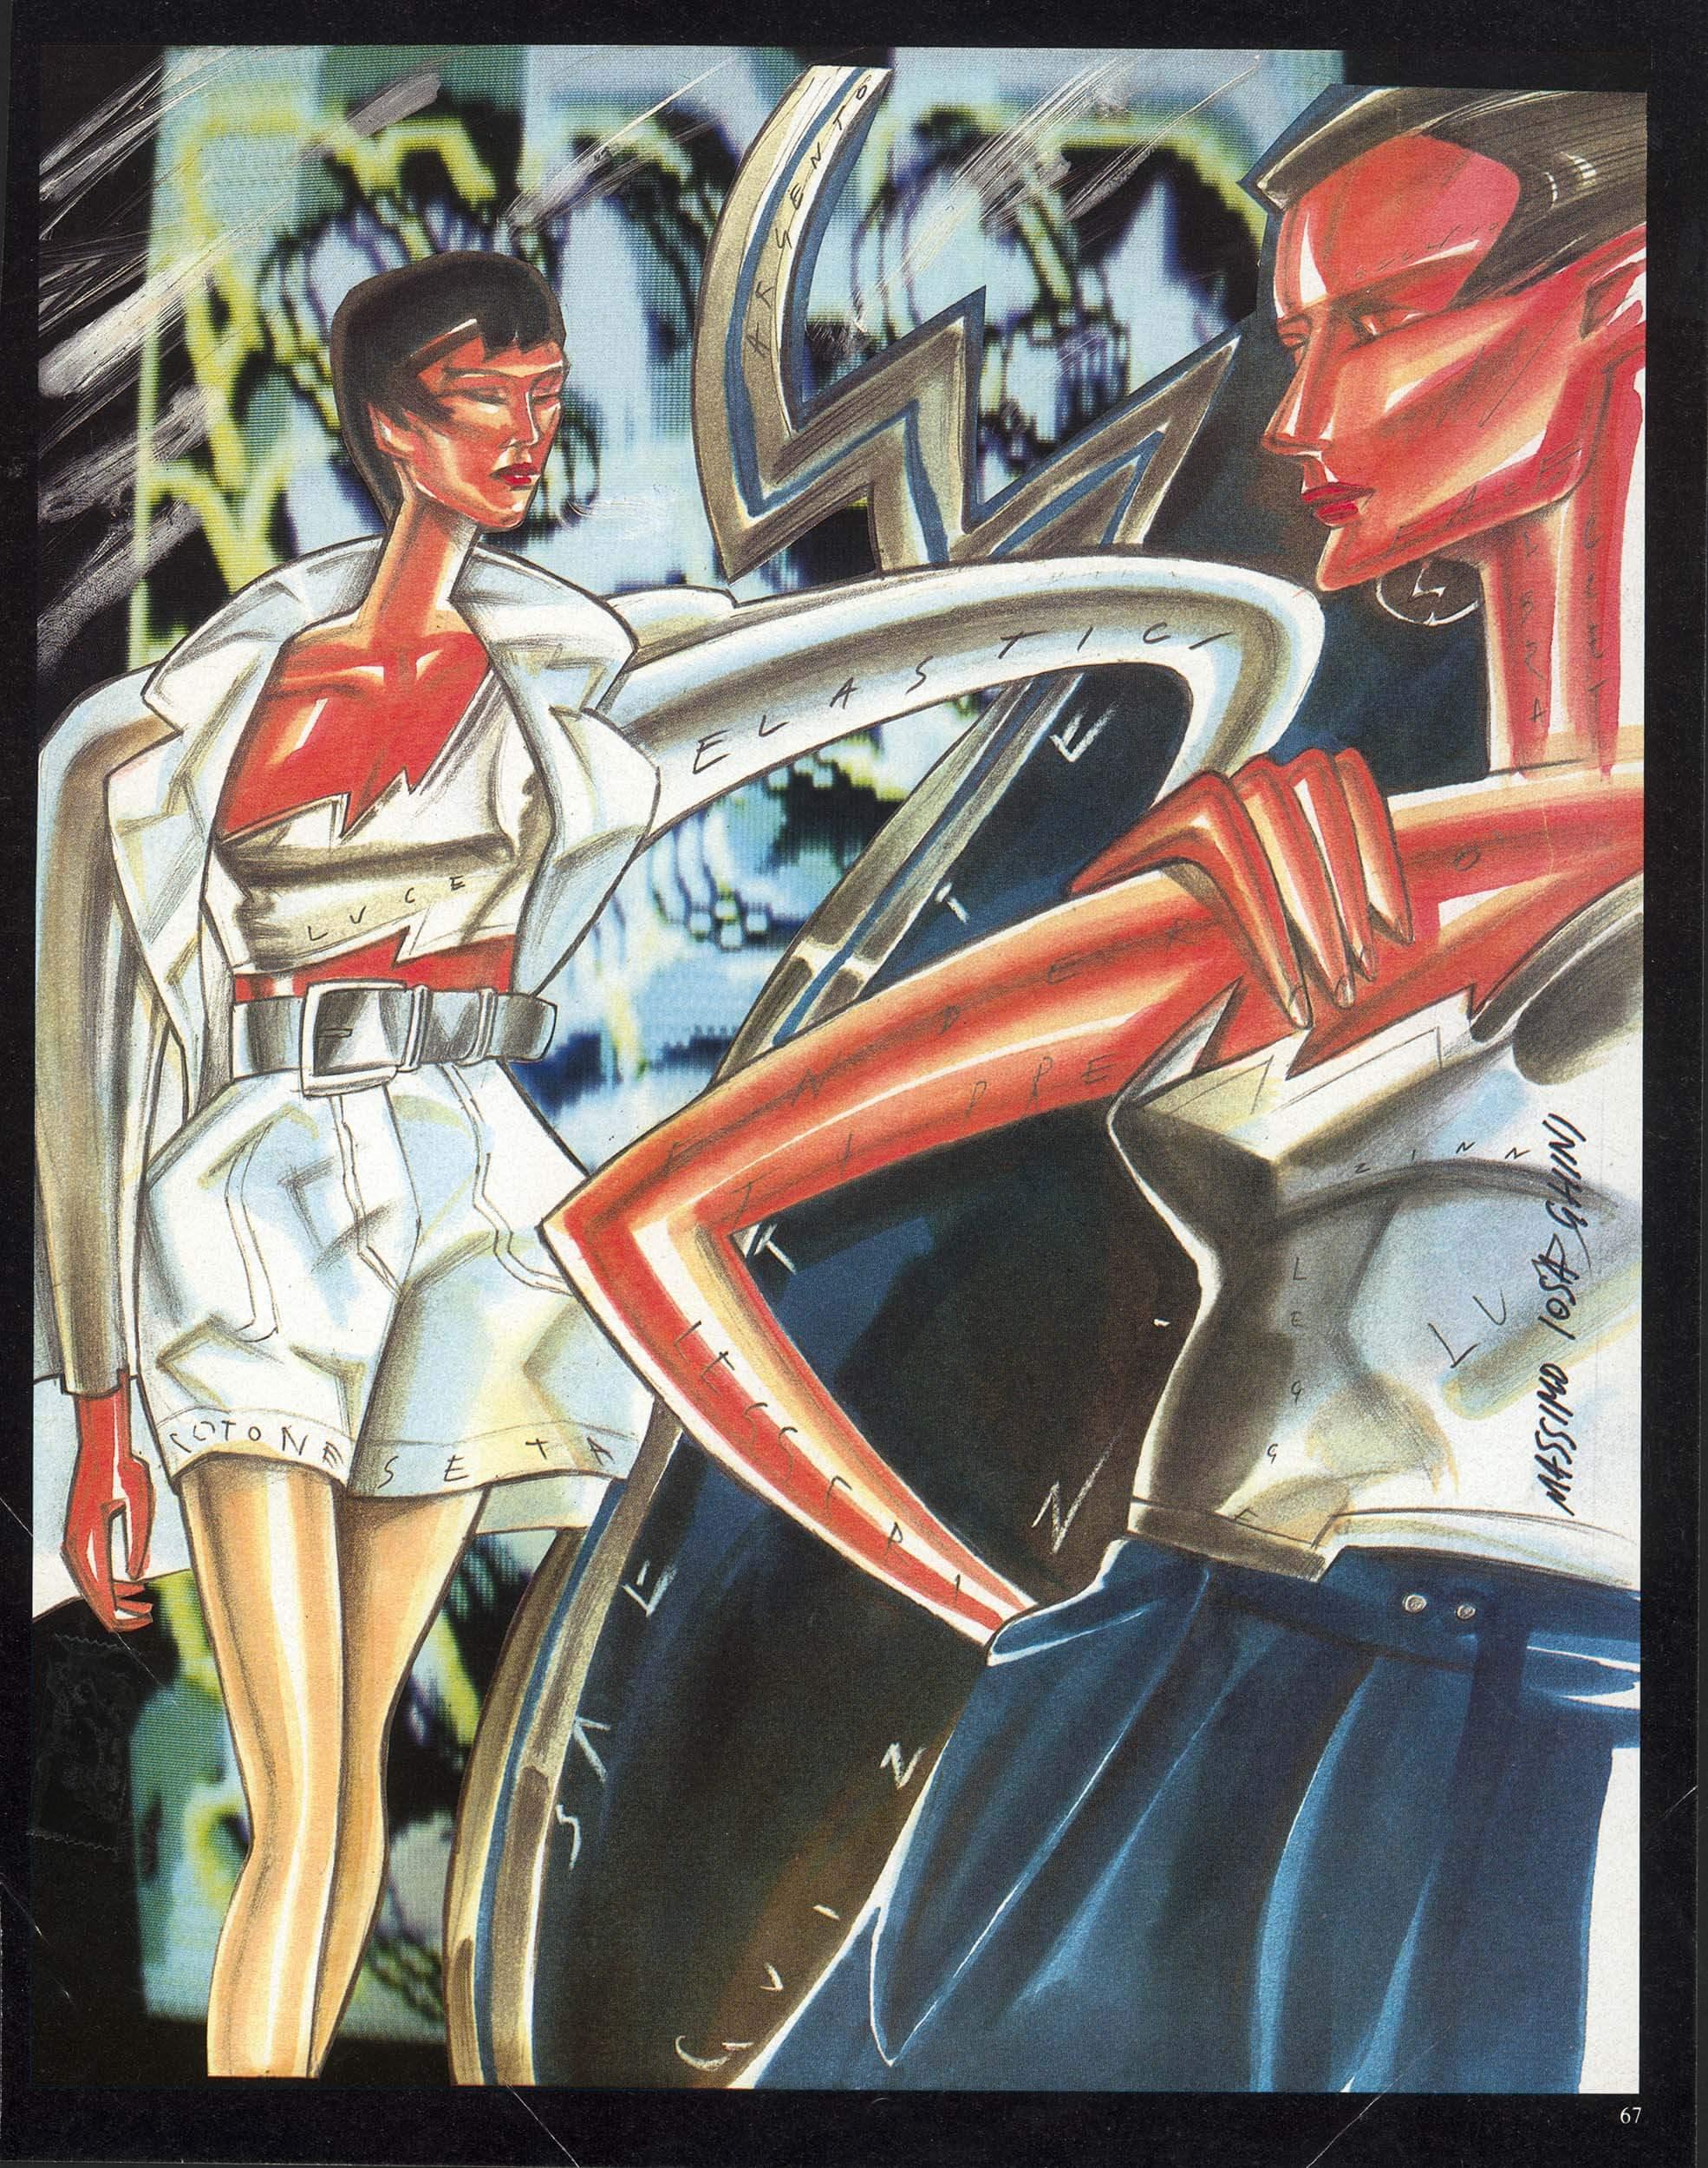 Illustrazioni per la rivista Vanity di Massimo Iosa Ghini del 1984